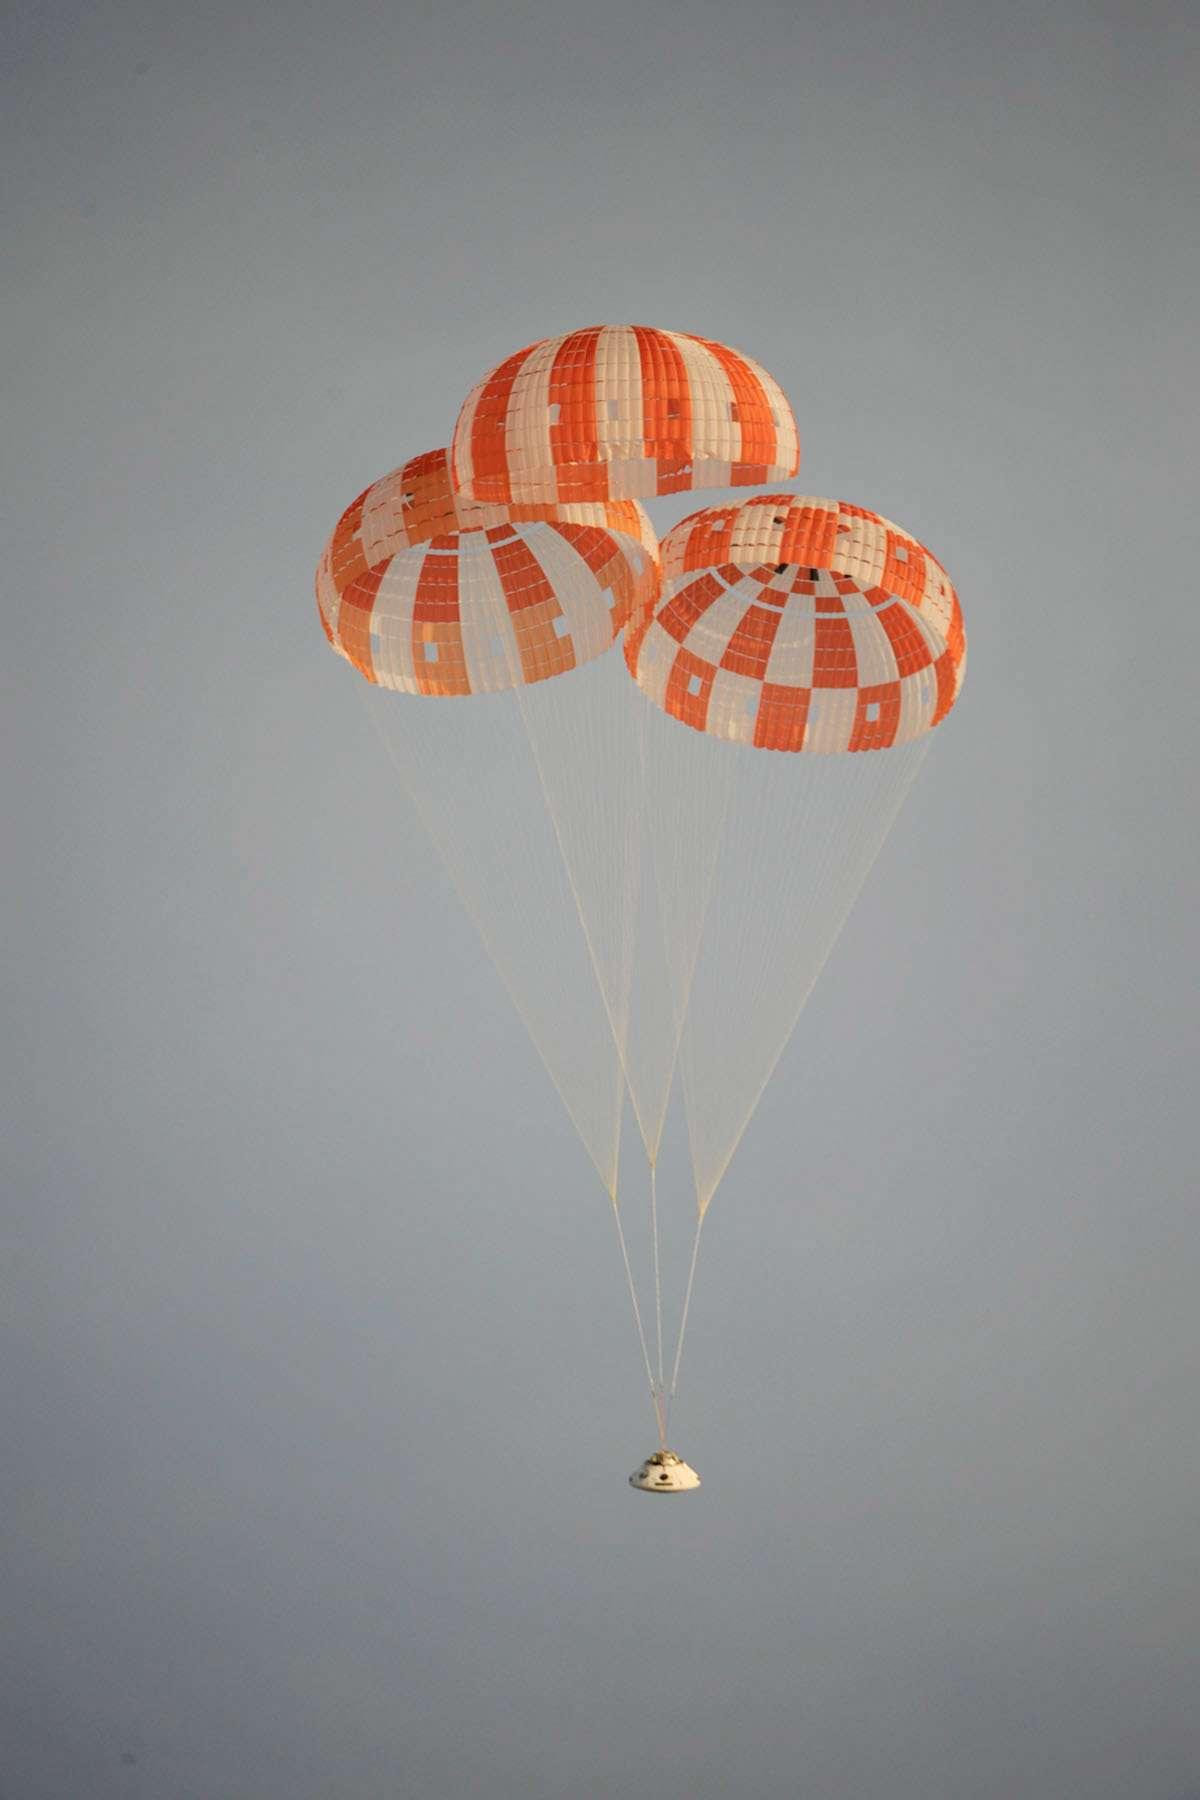 Parachutes principaux déployés, la capsule Orion-MPCV, stabilisée par un système ad hoc descend en sécurité pour se poser sans dommage sur la terre ferme. © Nasa